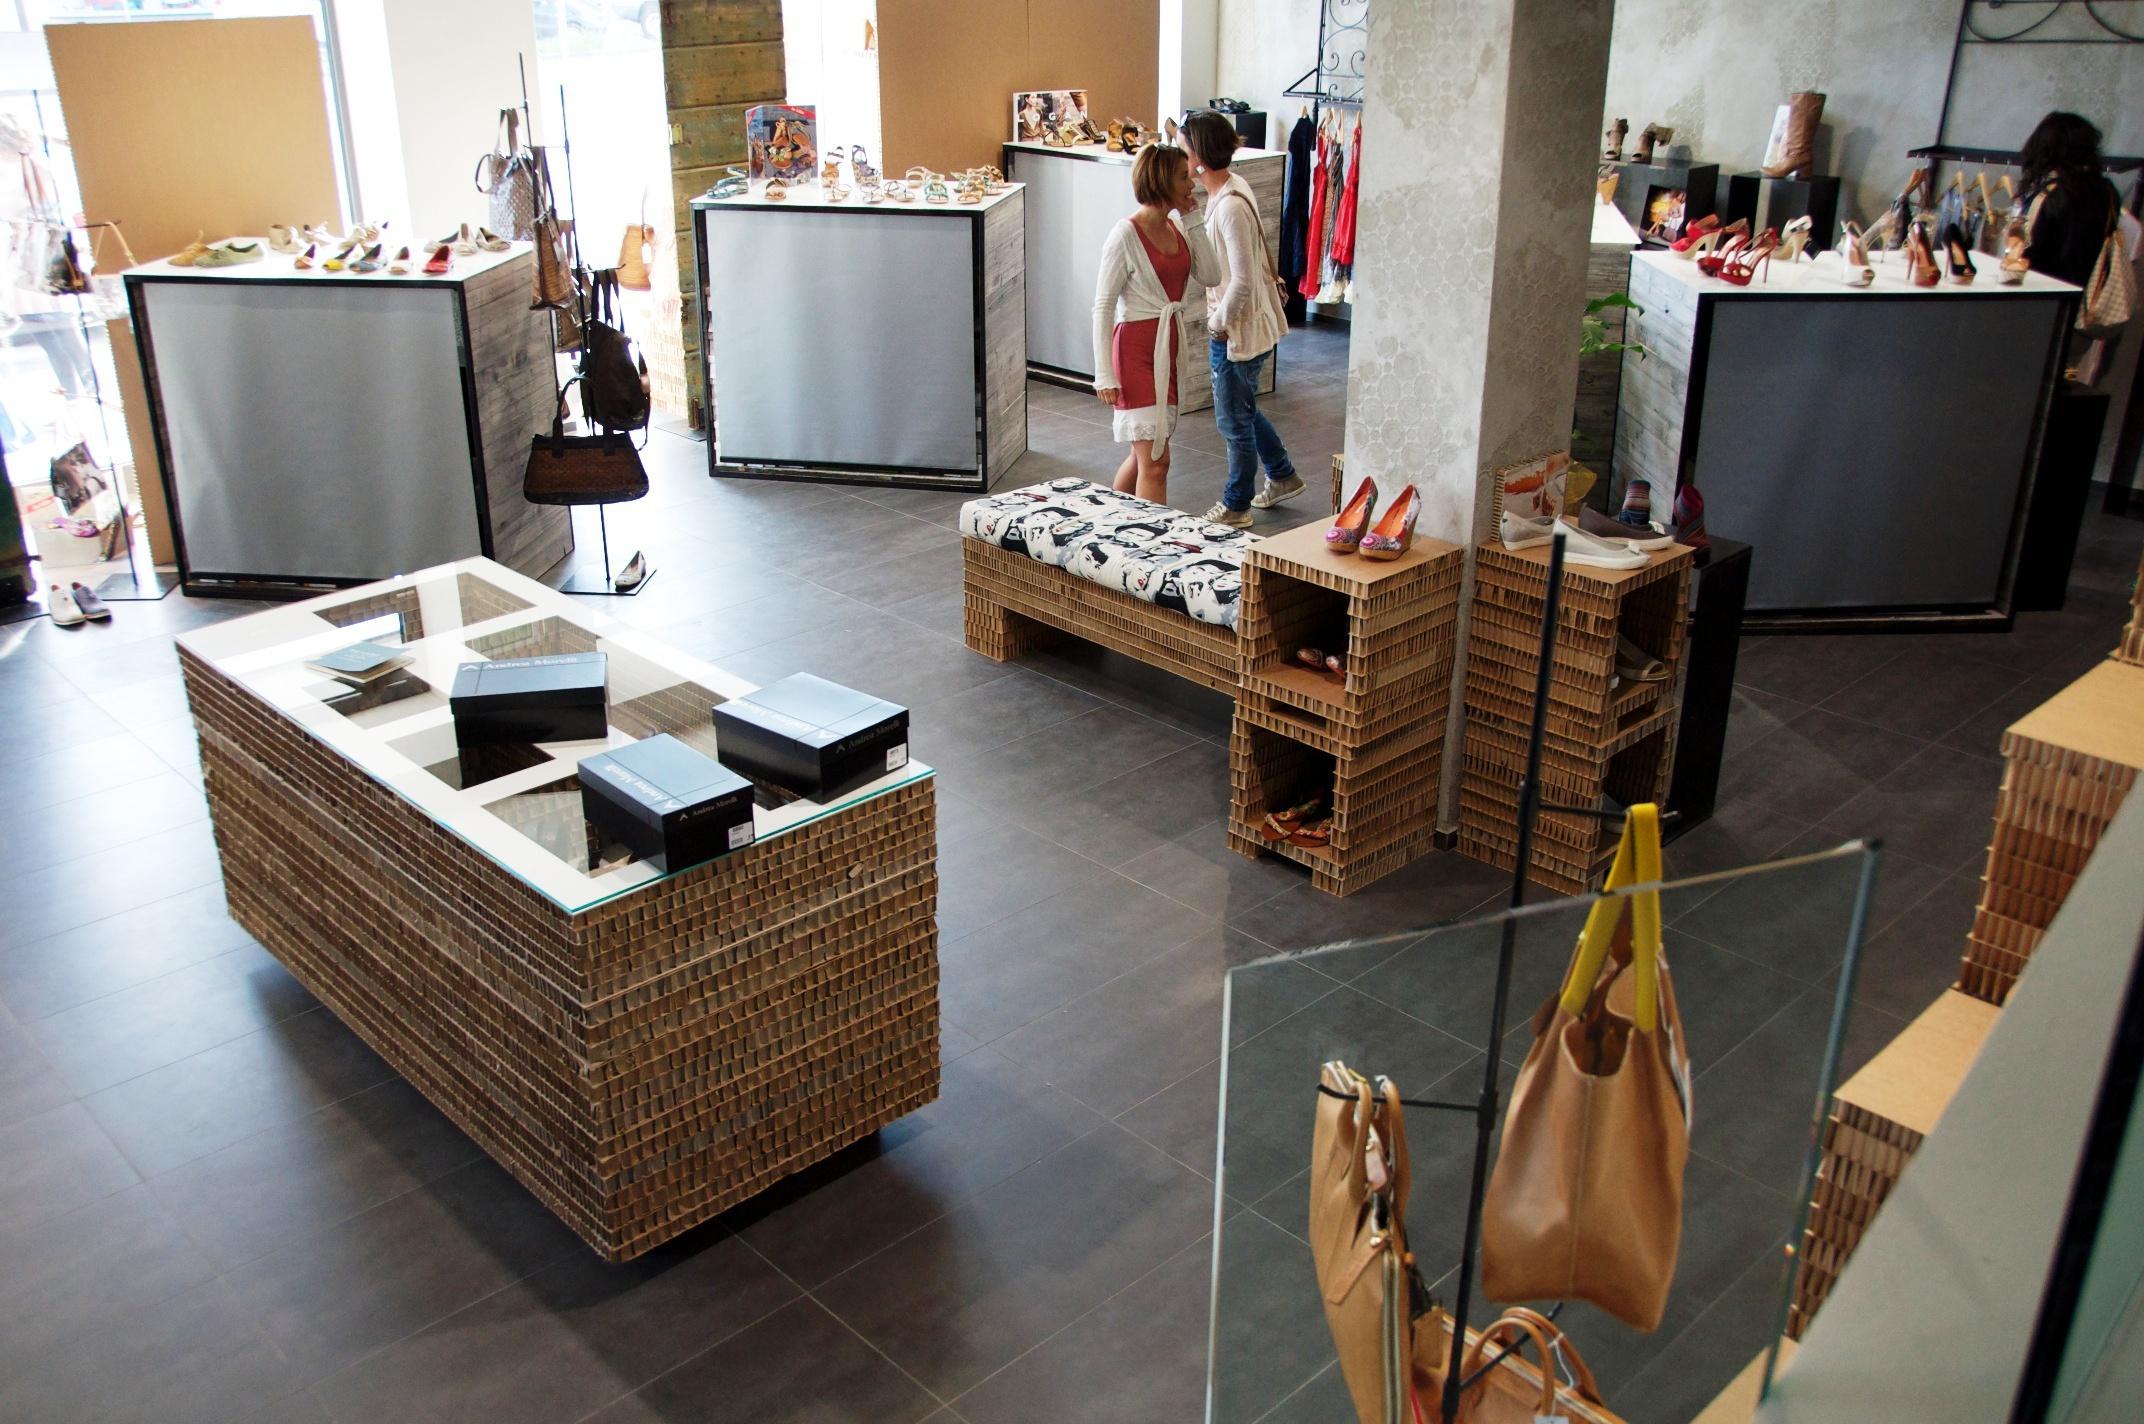 modulare m bel design 1 0 1000 0 st cke pro monat. Black Bedroom Furniture Sets. Home Design Ideas